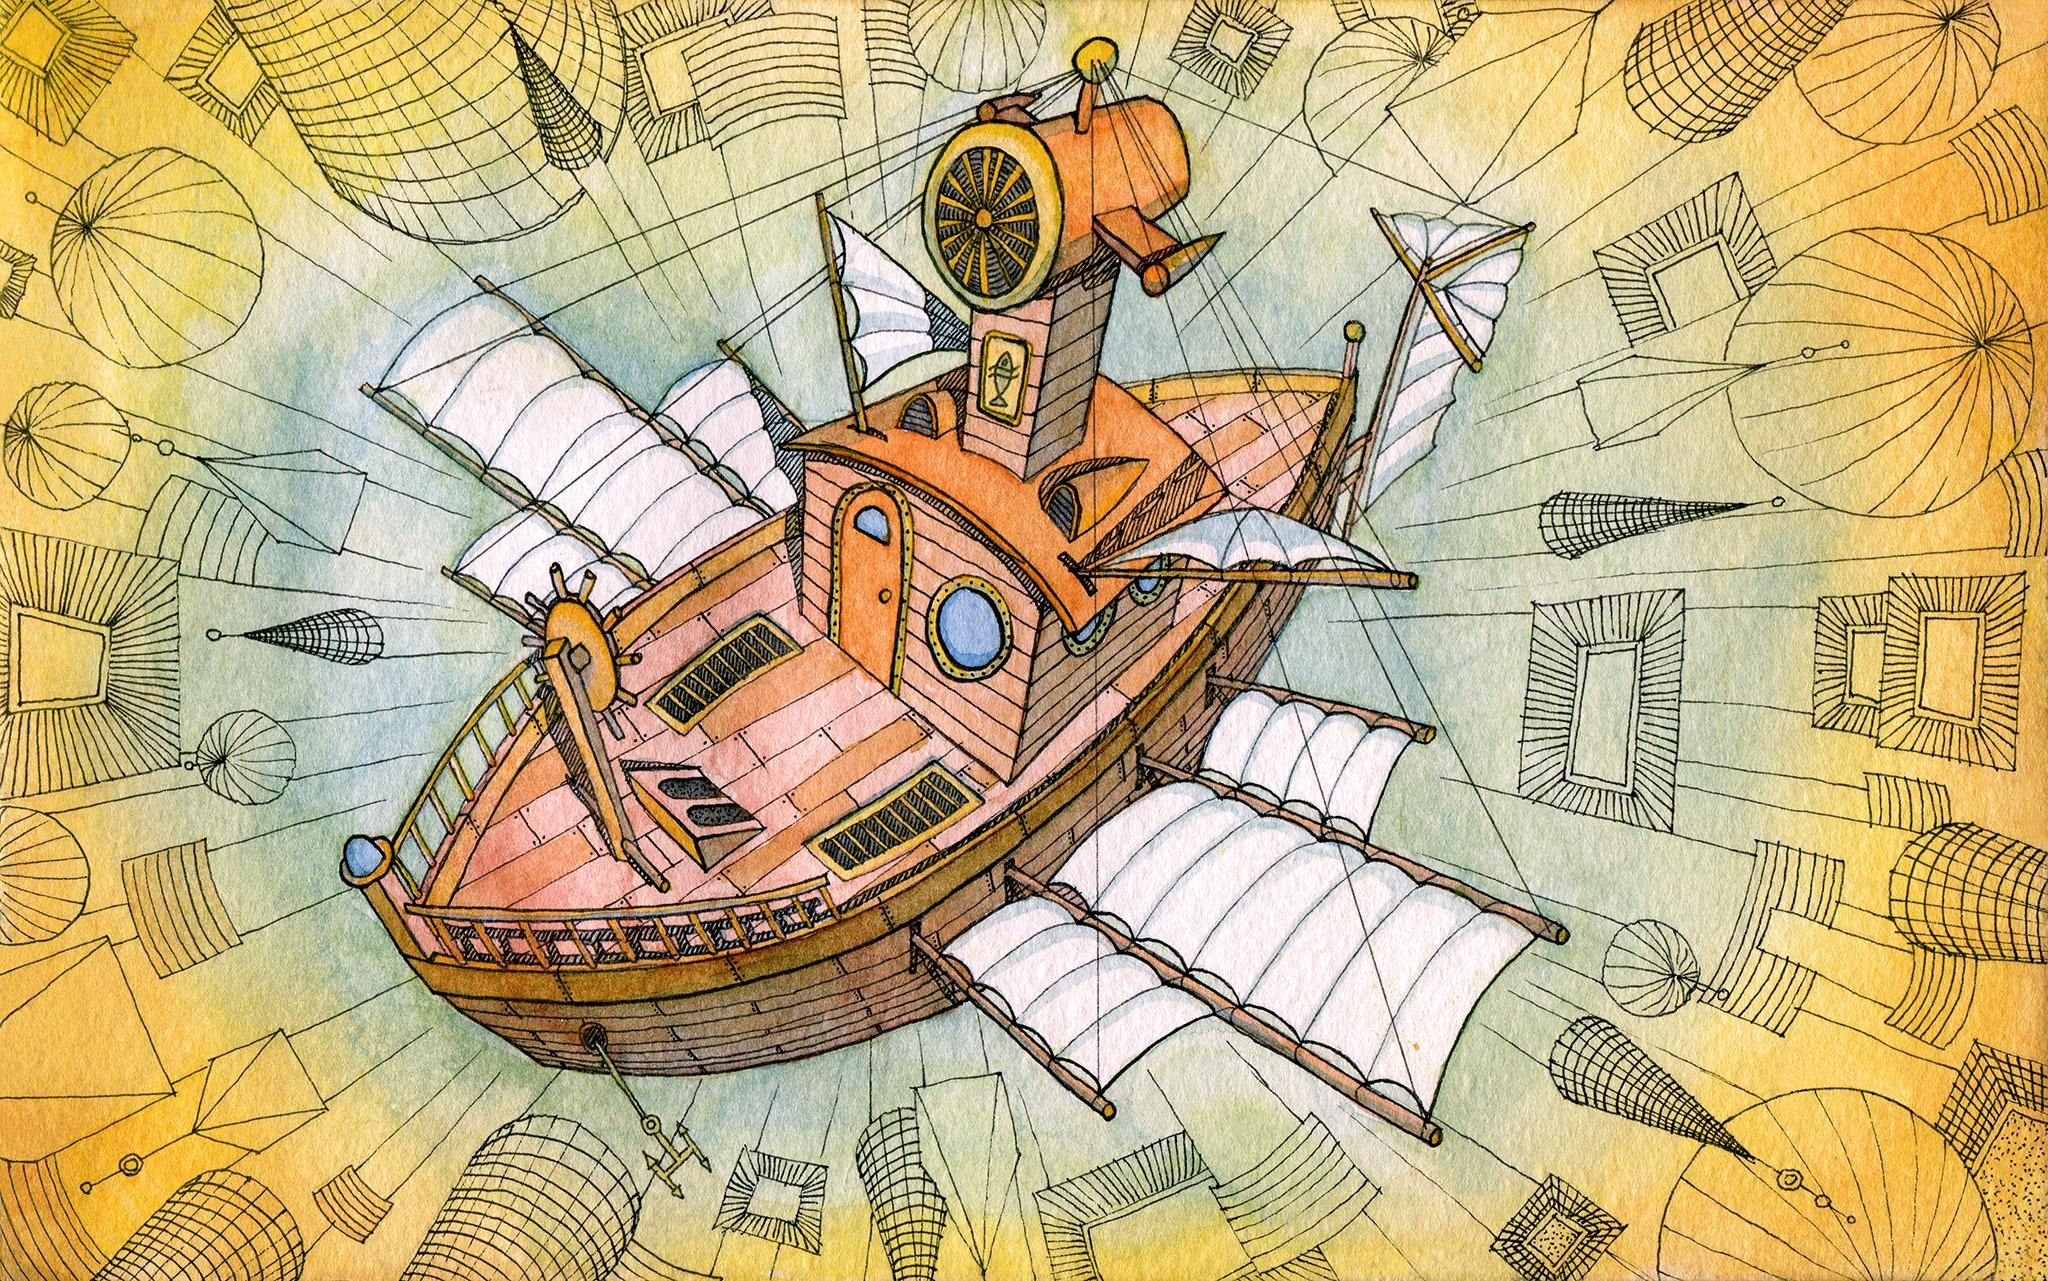 Illustration d'un bateau volant orange et blanc sur fond jaune